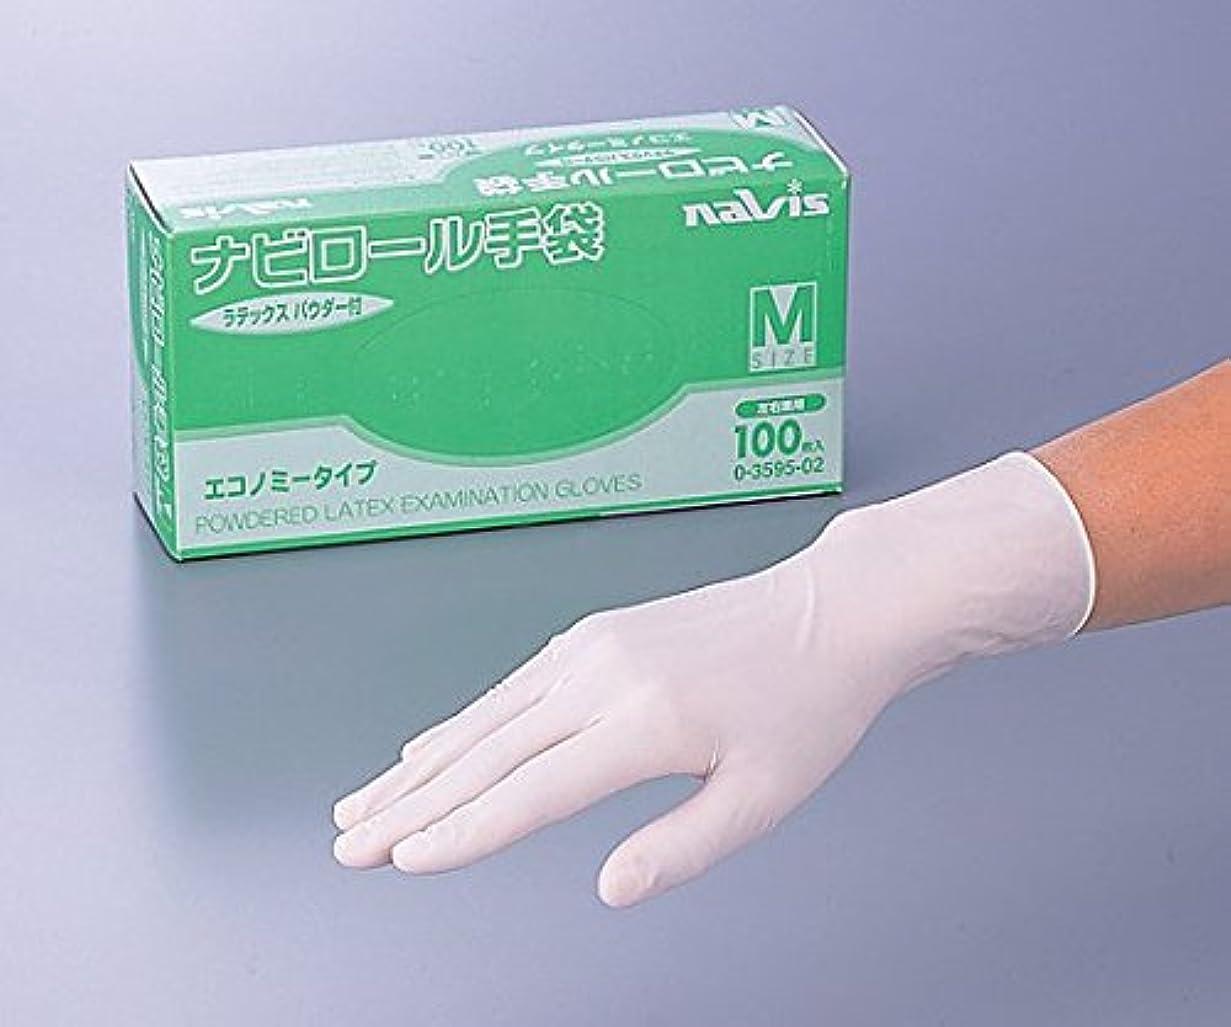 チチカカ湖平衡動力学アズワン0-3595-03ナビロール手袋(エコノミータイプ?パウダー付)S100枚入